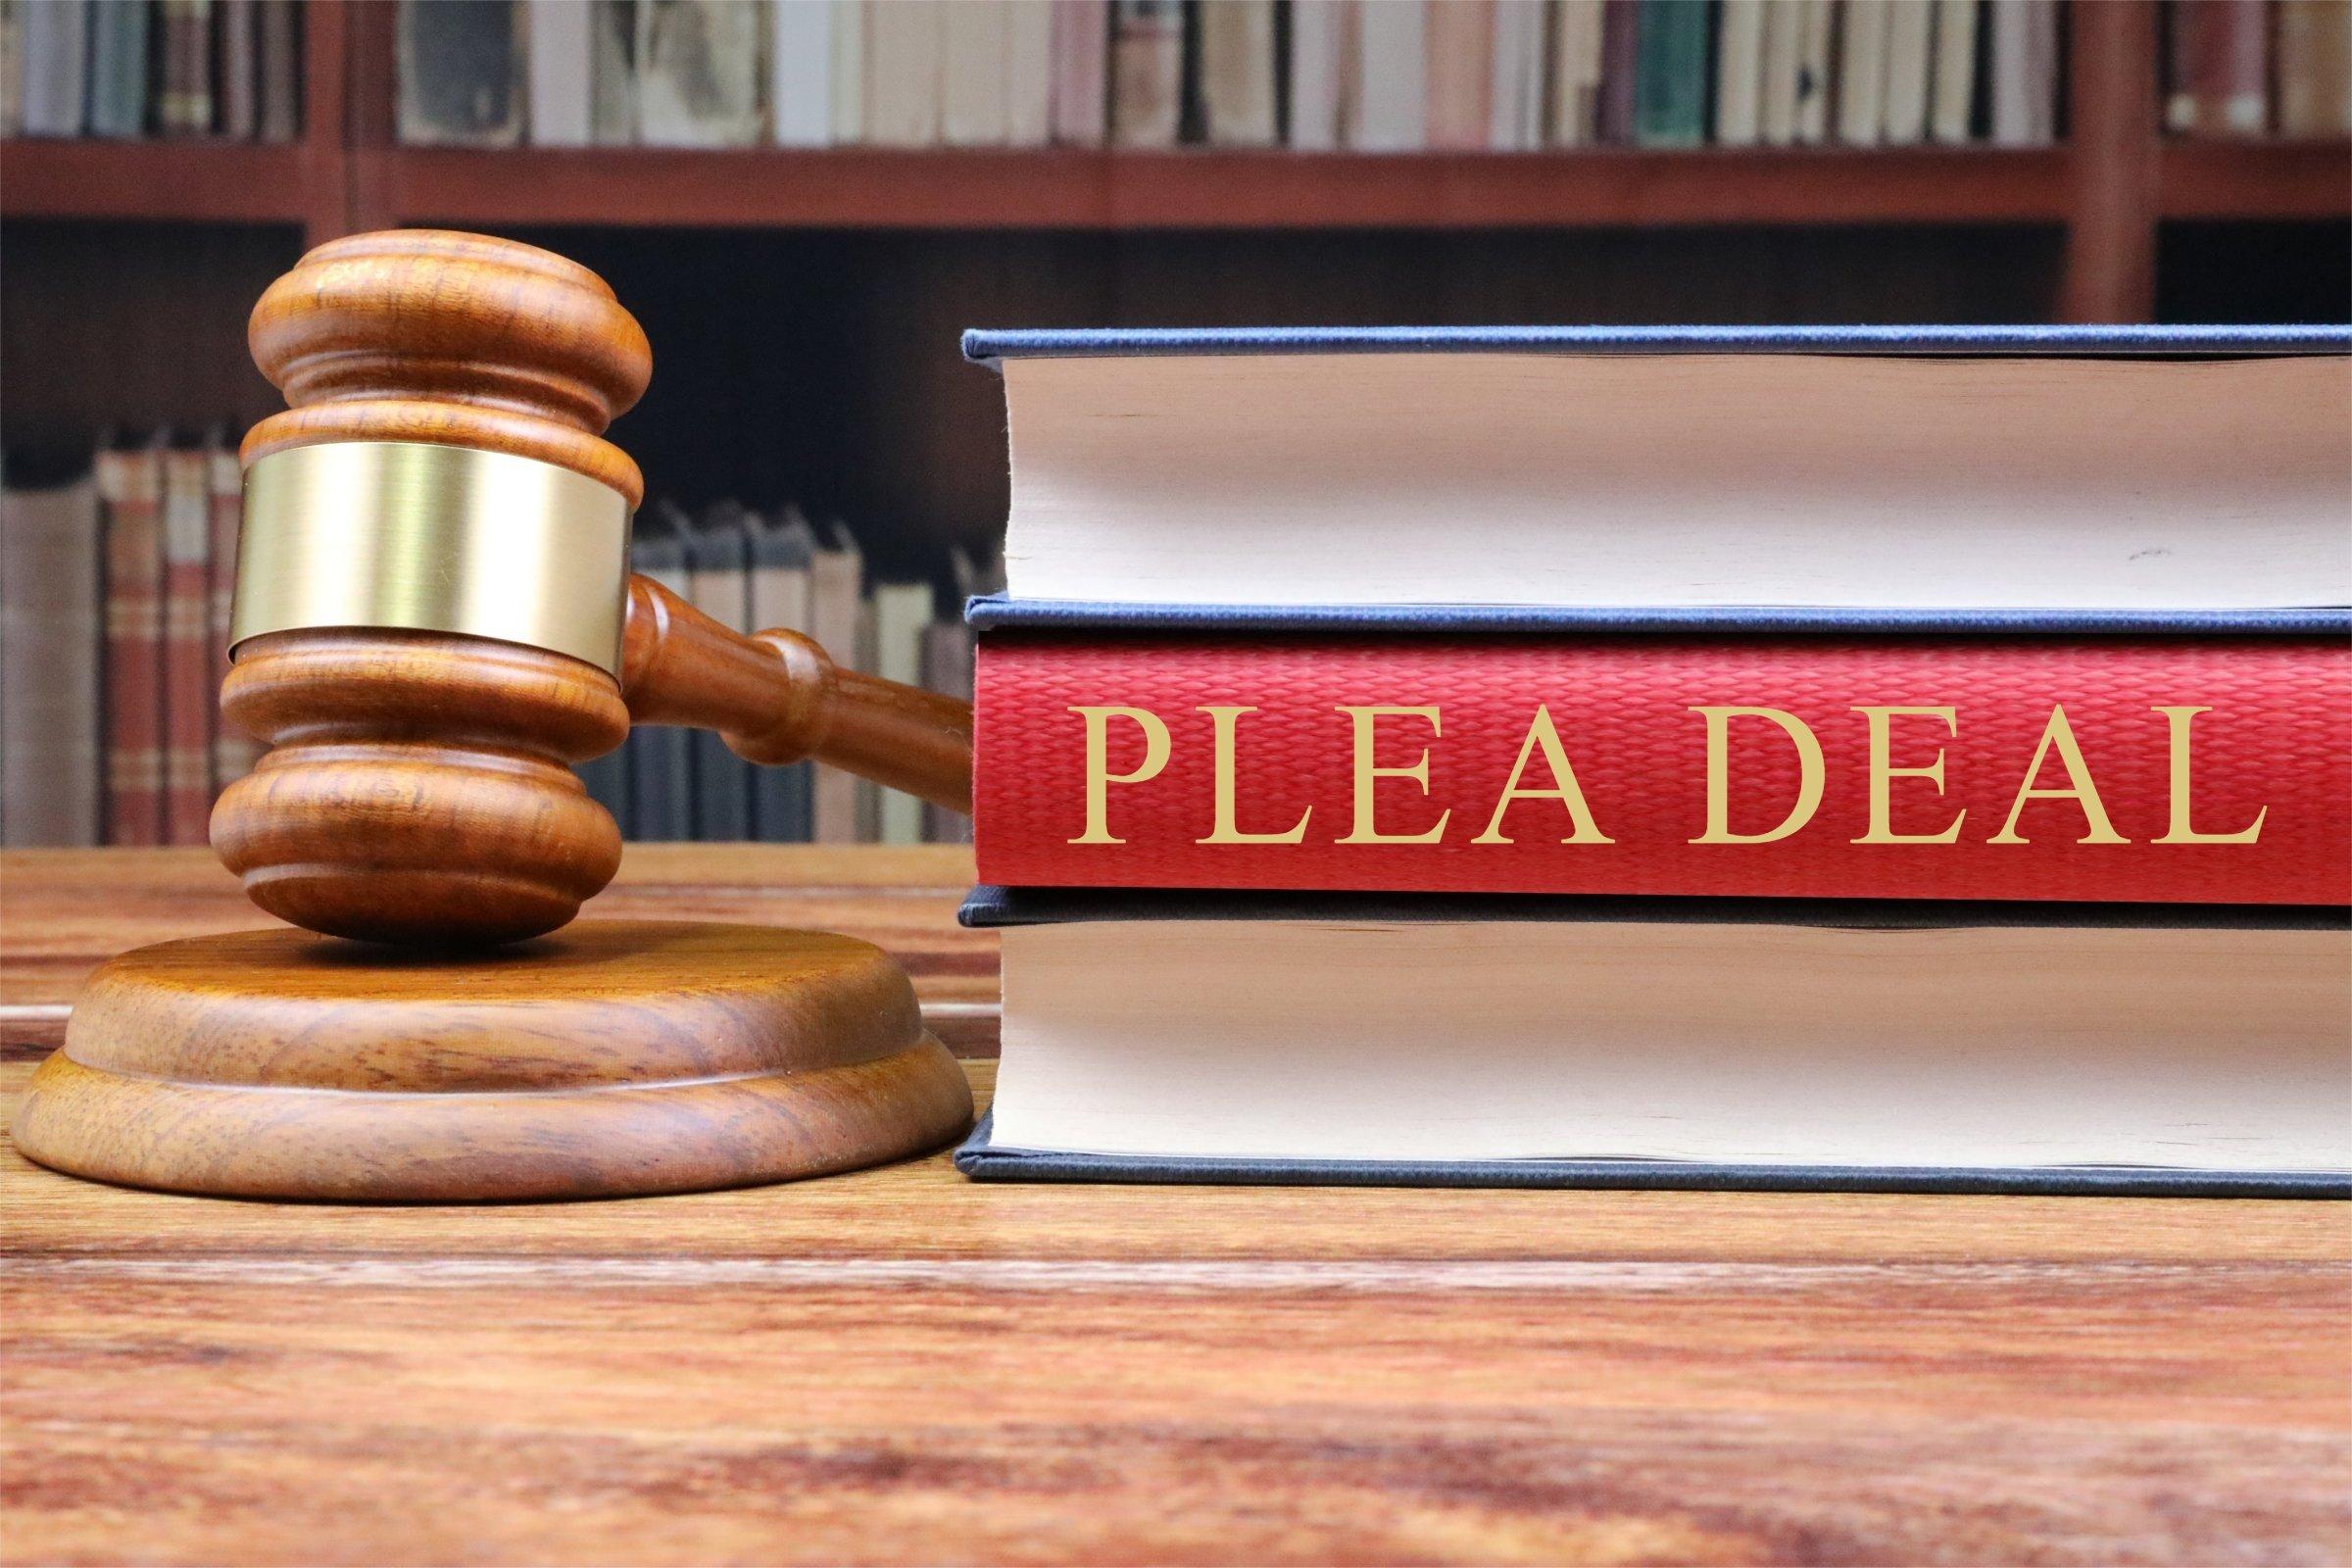 Plea Deal